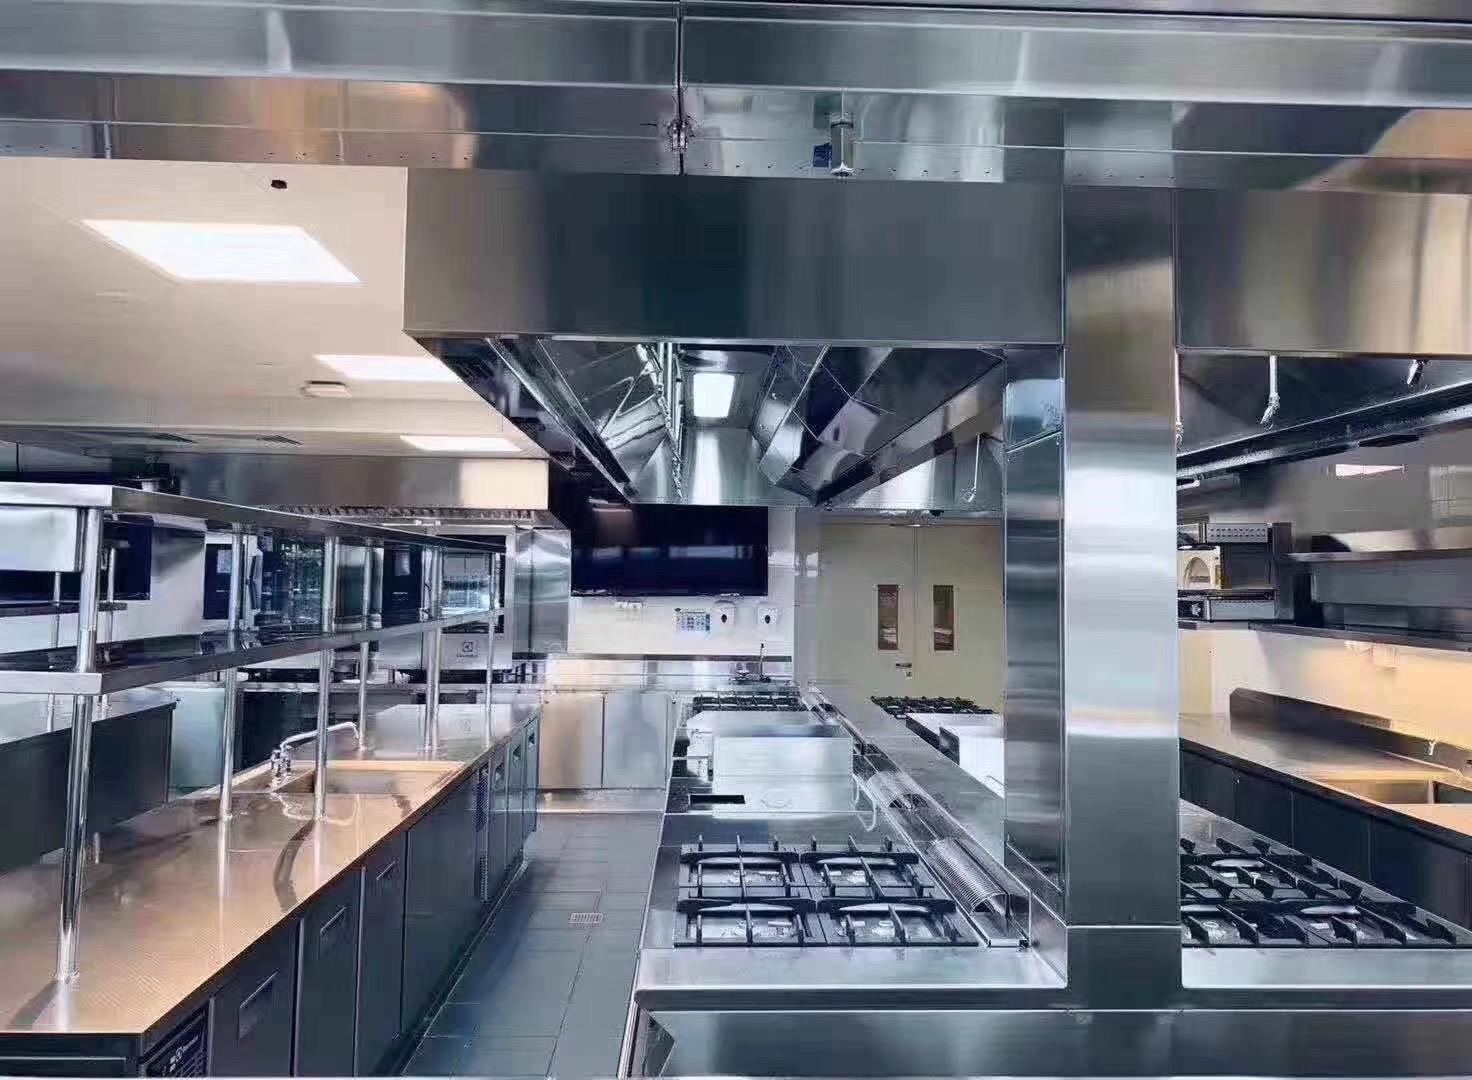 餐厅厨房电器设备